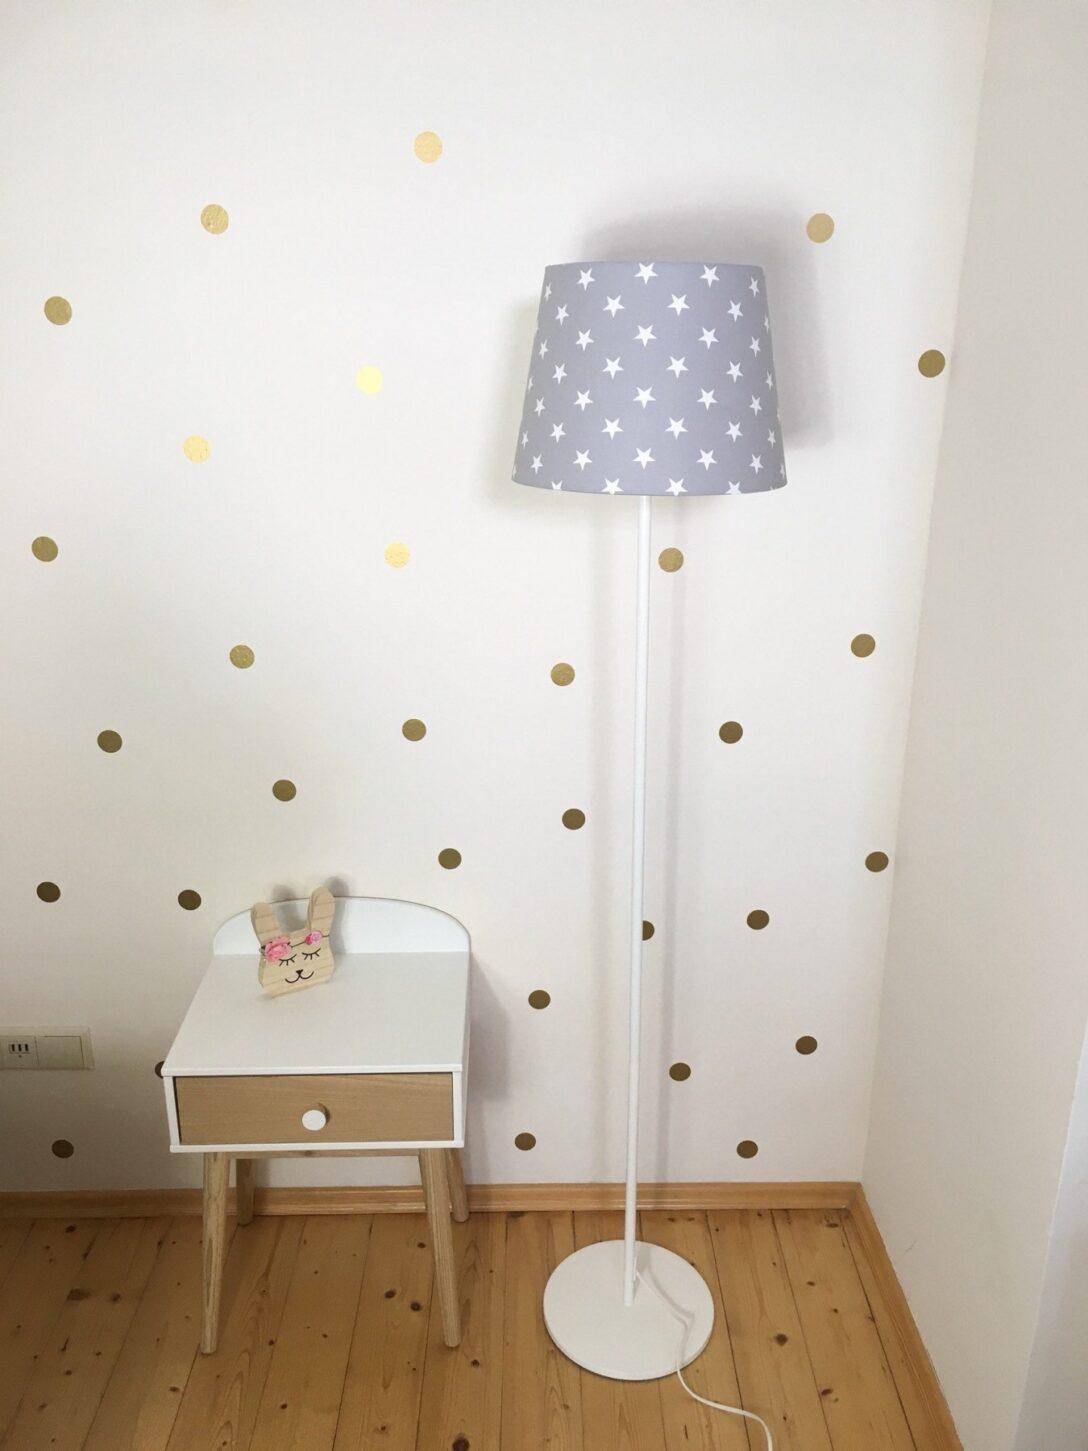 Large Size of Stehlampe Kinderzimmer Stehlampen Wohnzimmer Regal Weiß Sofa Schlafzimmer Regale Kinderzimmer Stehlampe Kinderzimmer